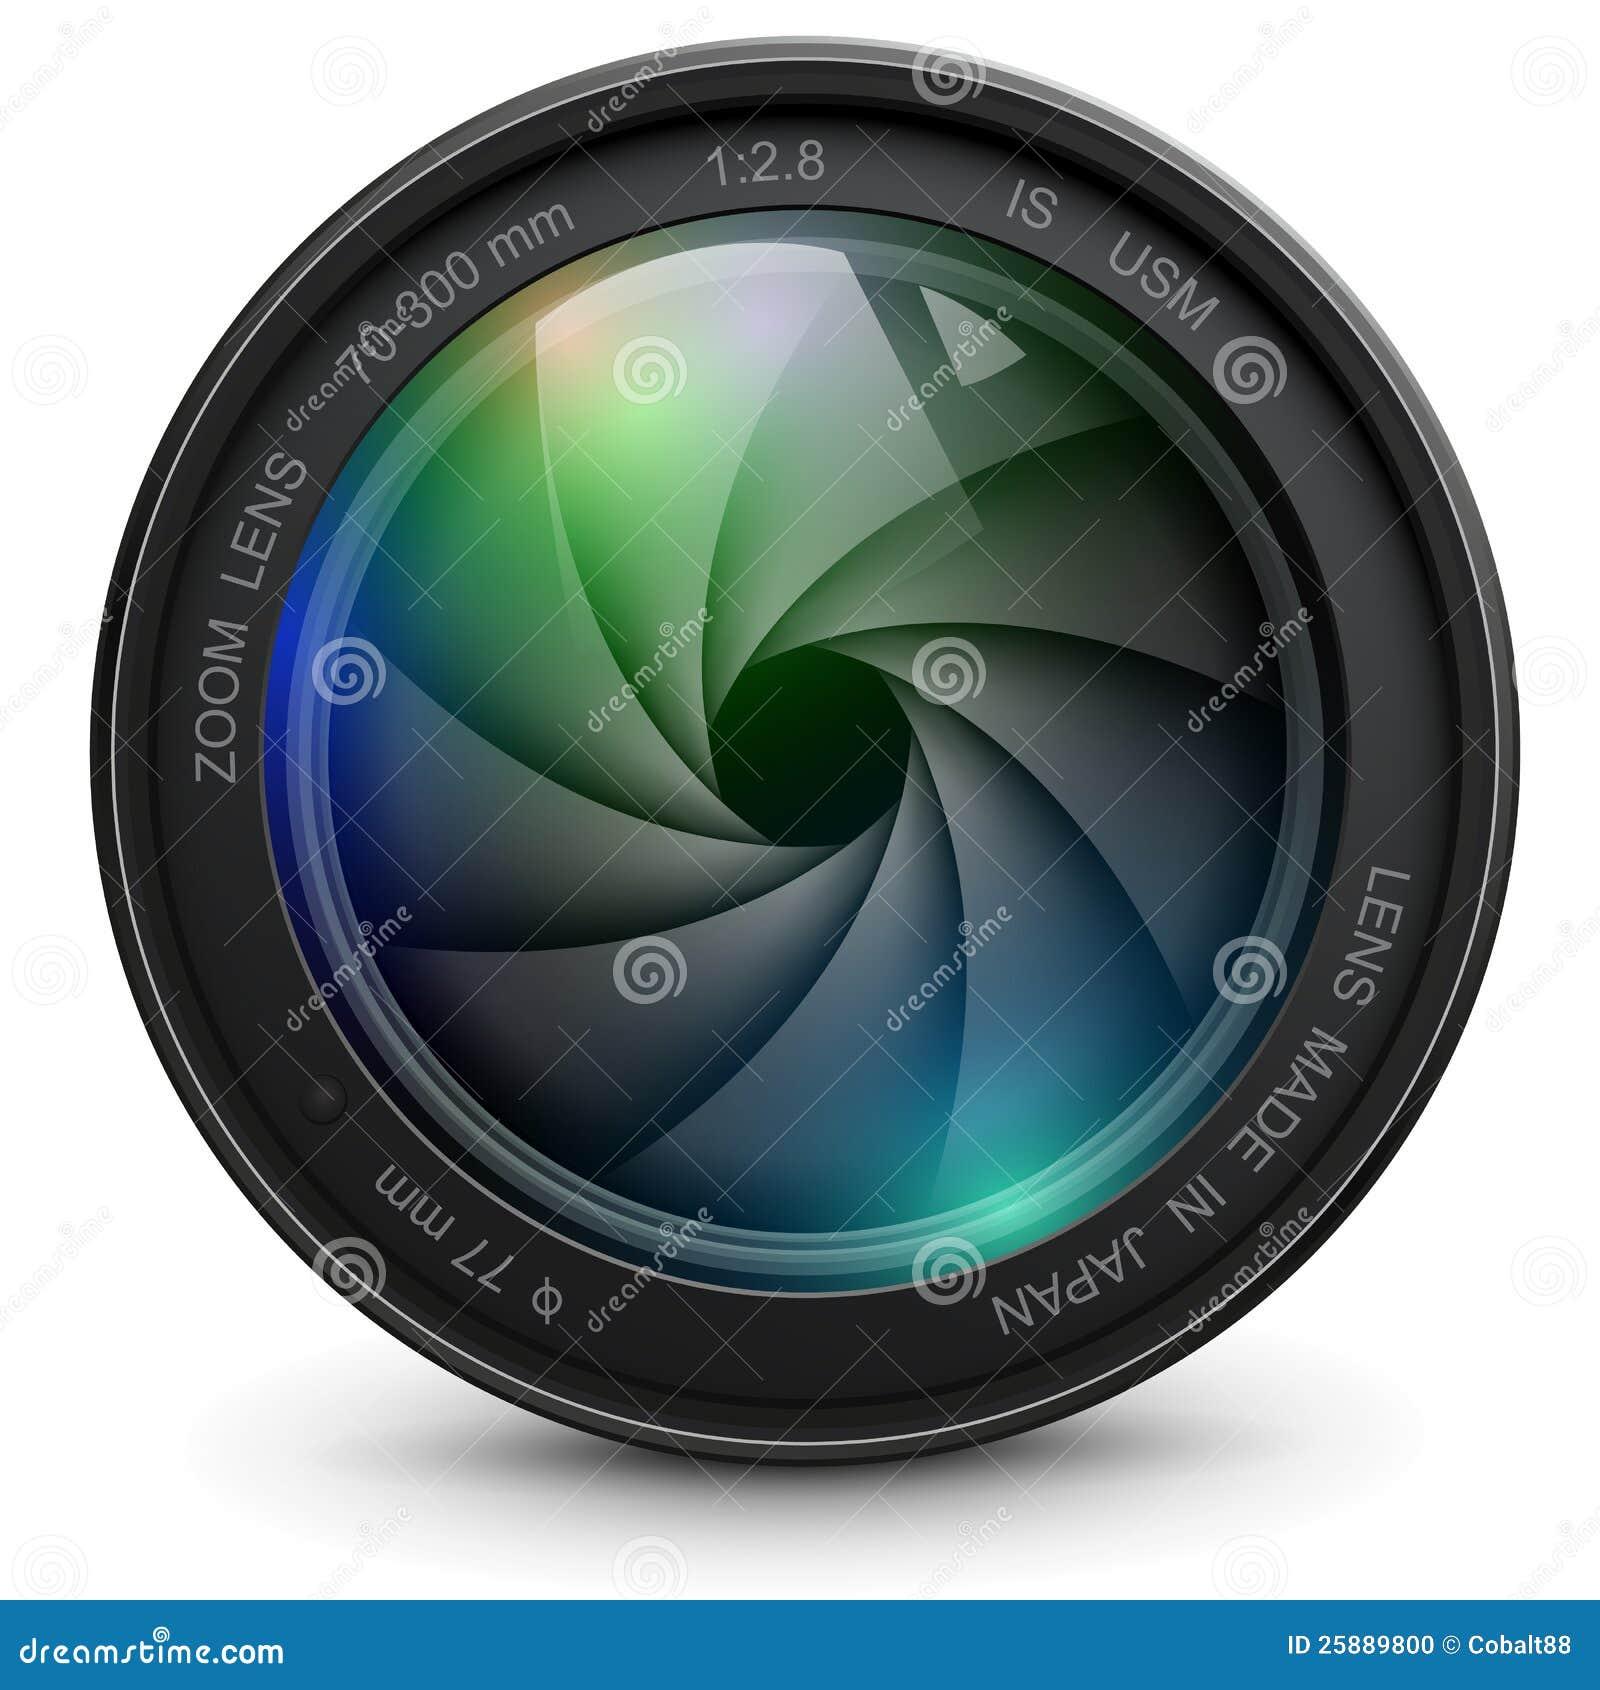 obiettivo di macchina fotografica illustrazione vettoriale